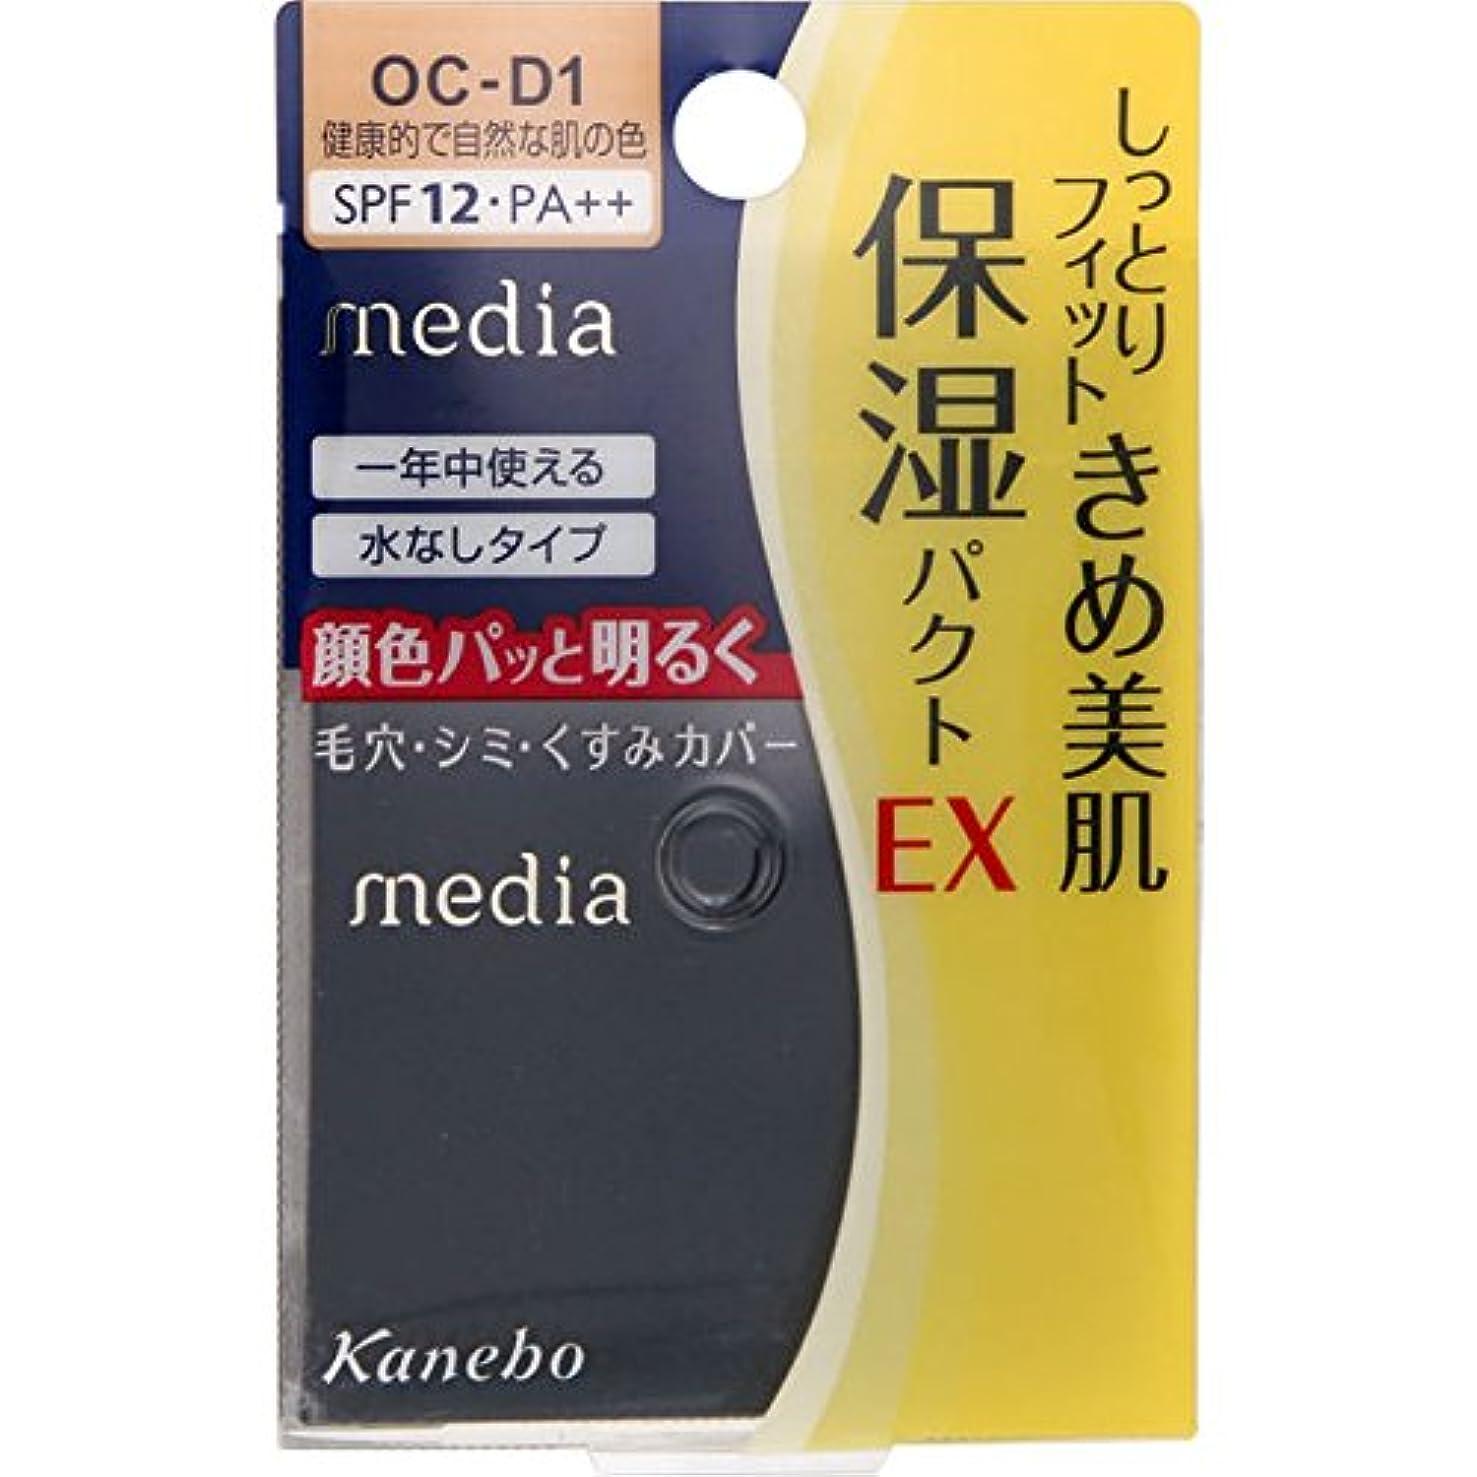 ショートカット侵入範囲カネボウ メディア モイストフィットパクトEX OC-D1(11g)